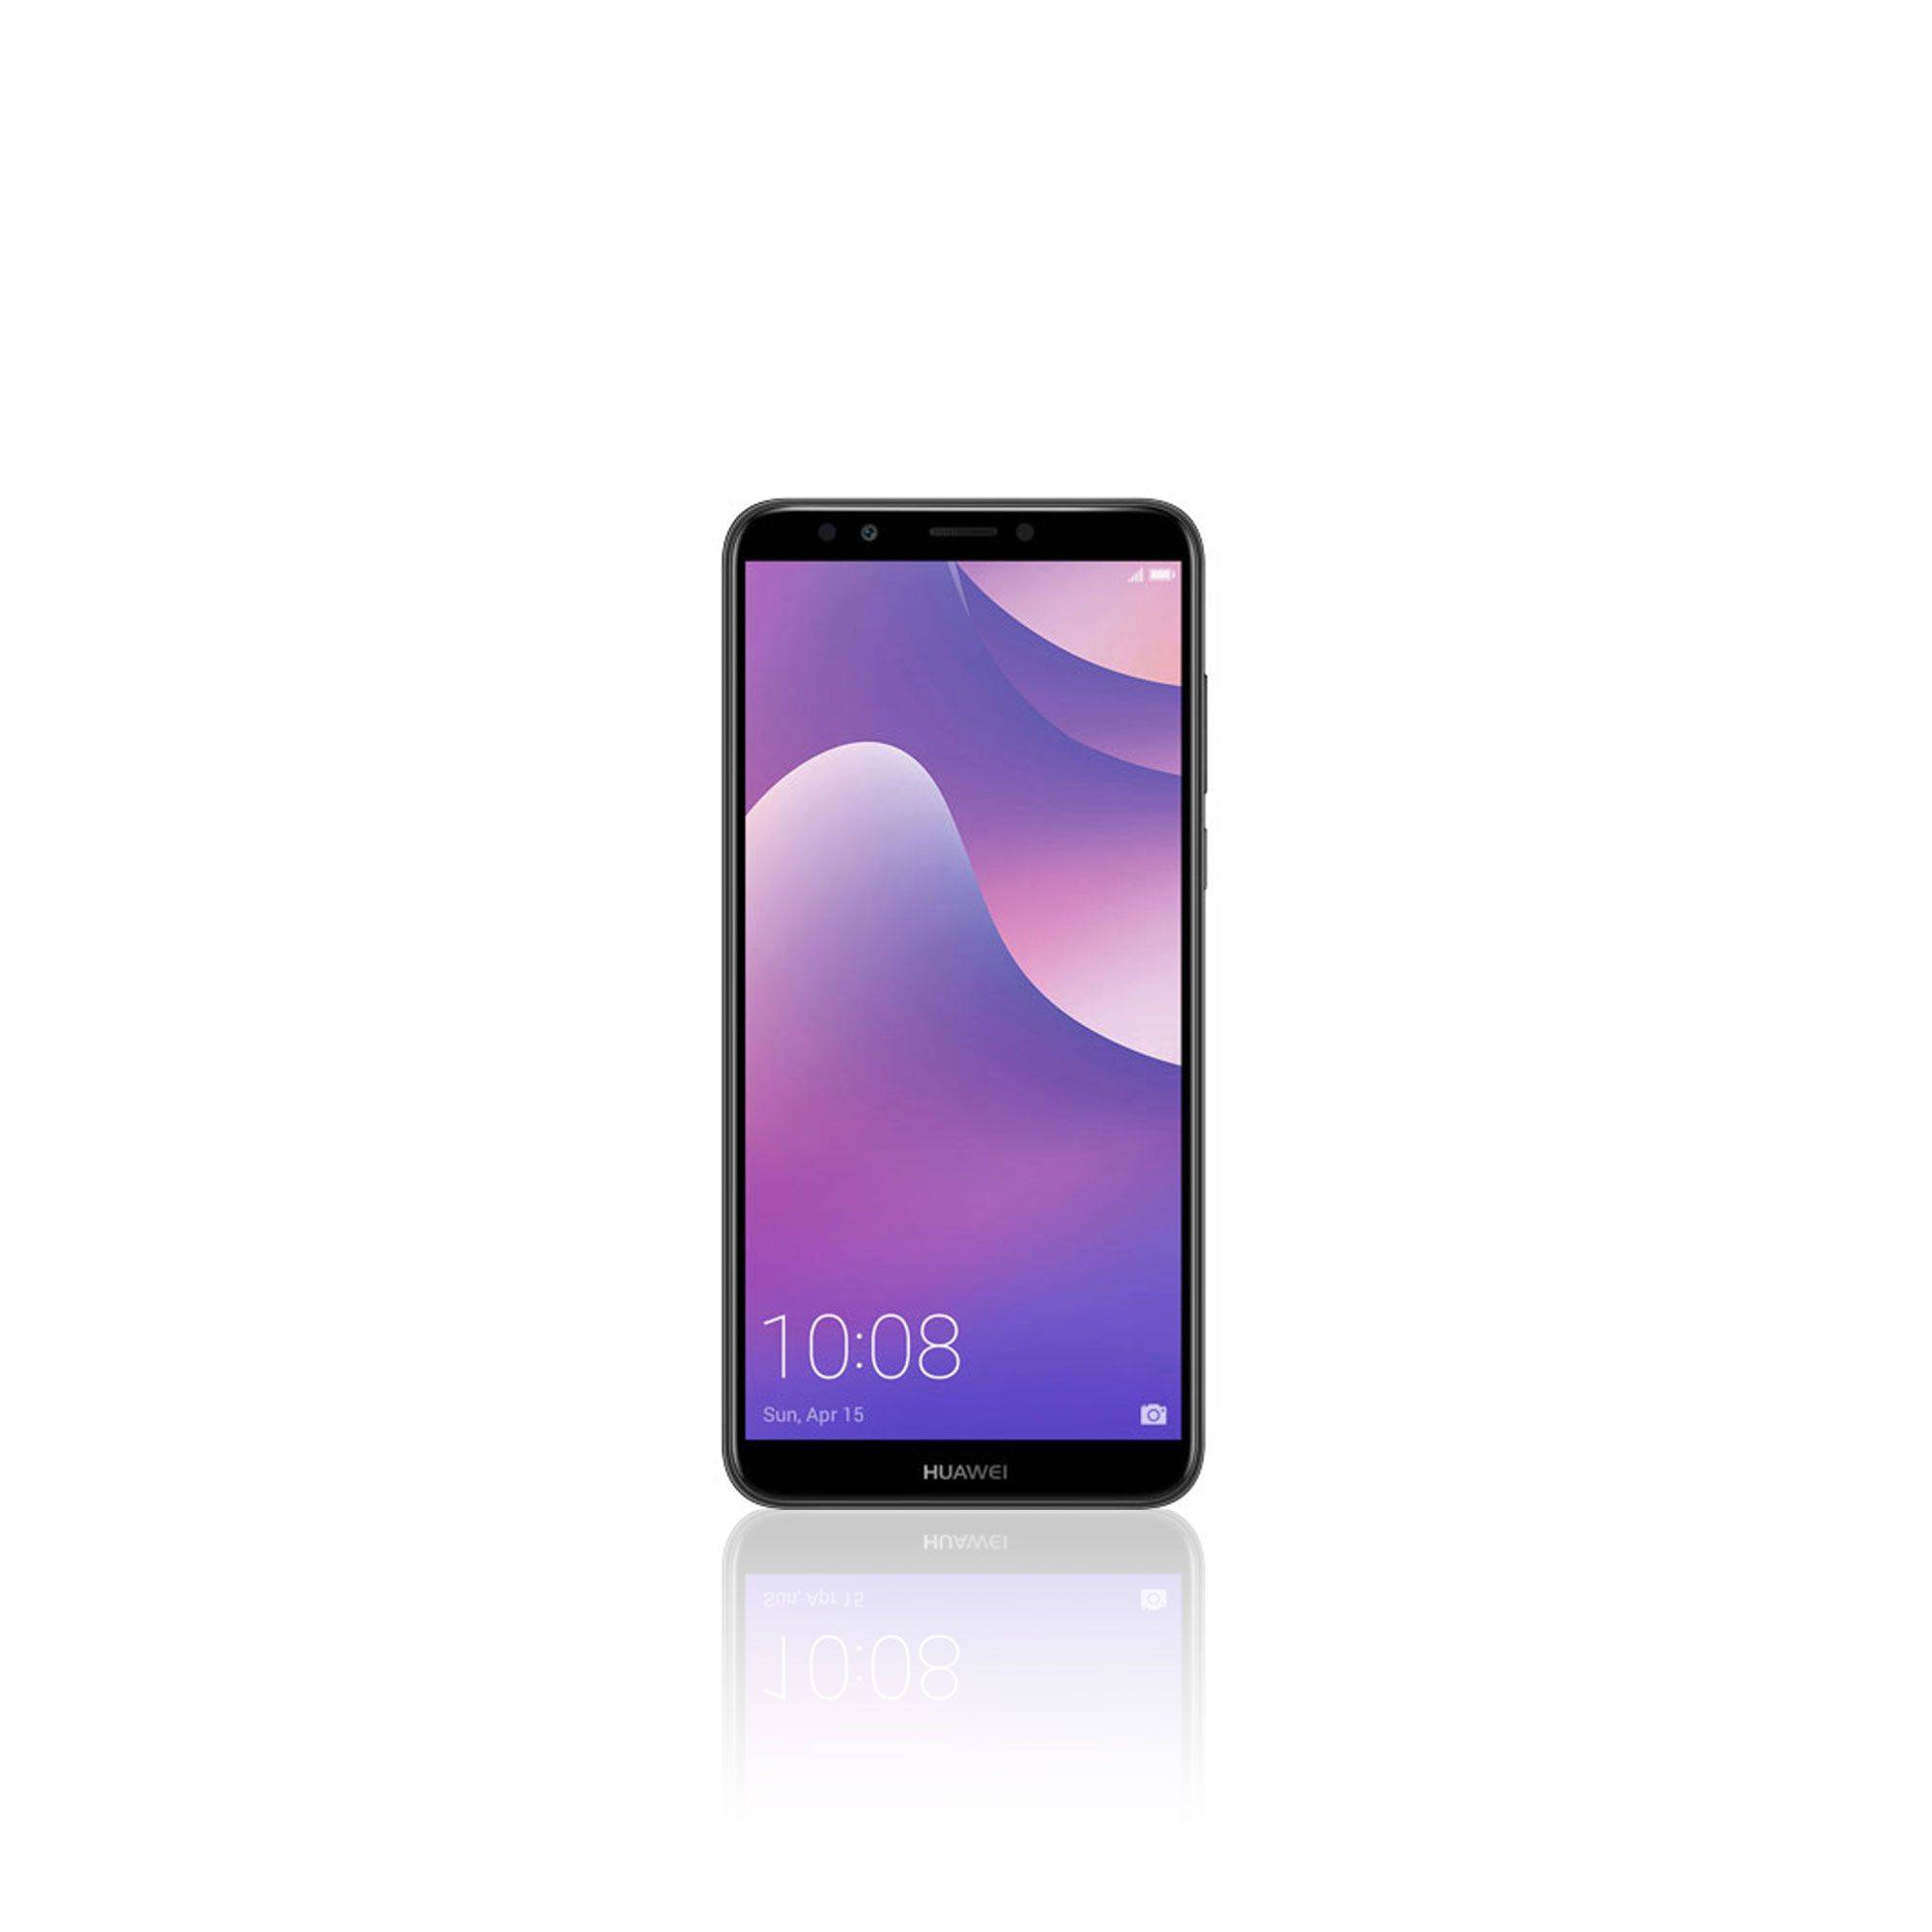 Huawei Y7 2018 Smartphone 4G display 5.99